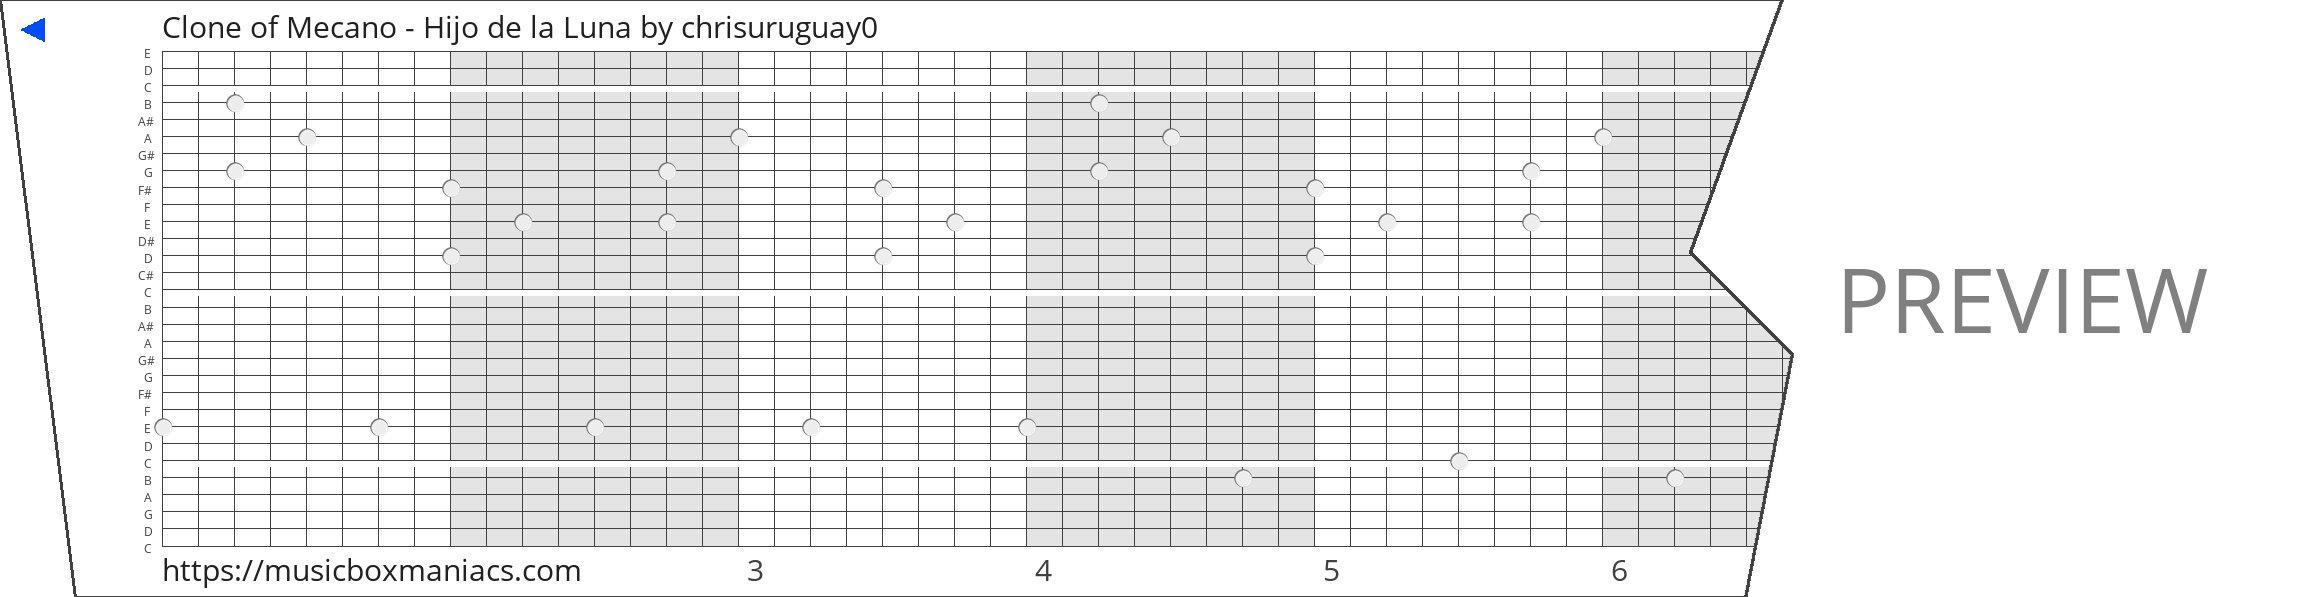 Clone of Mecano - Hijo de la Luna 30 note music box paper strip